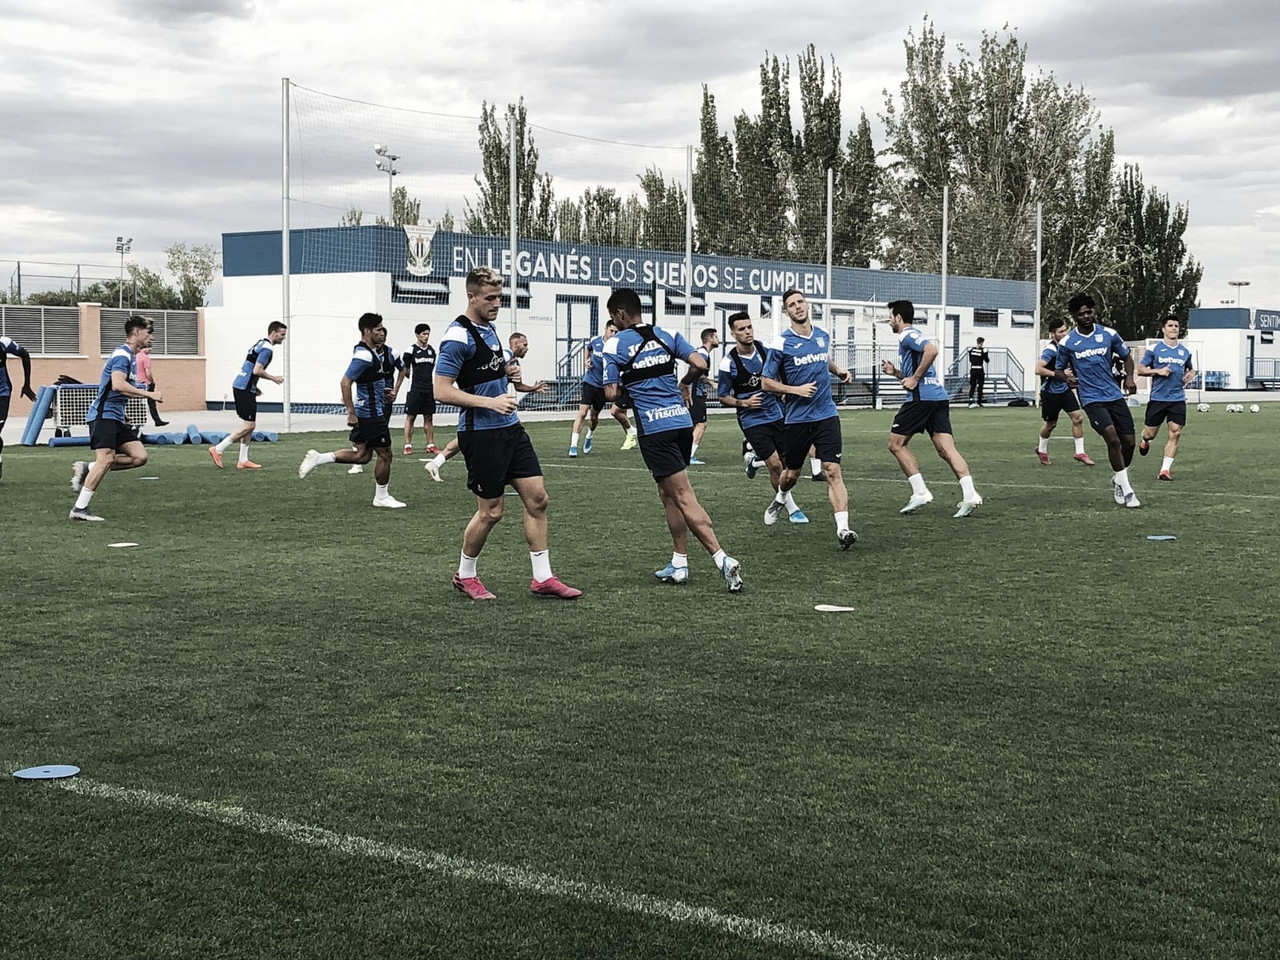 El Leganés ya ha hecho público el plan de entrenamientos de esta semana